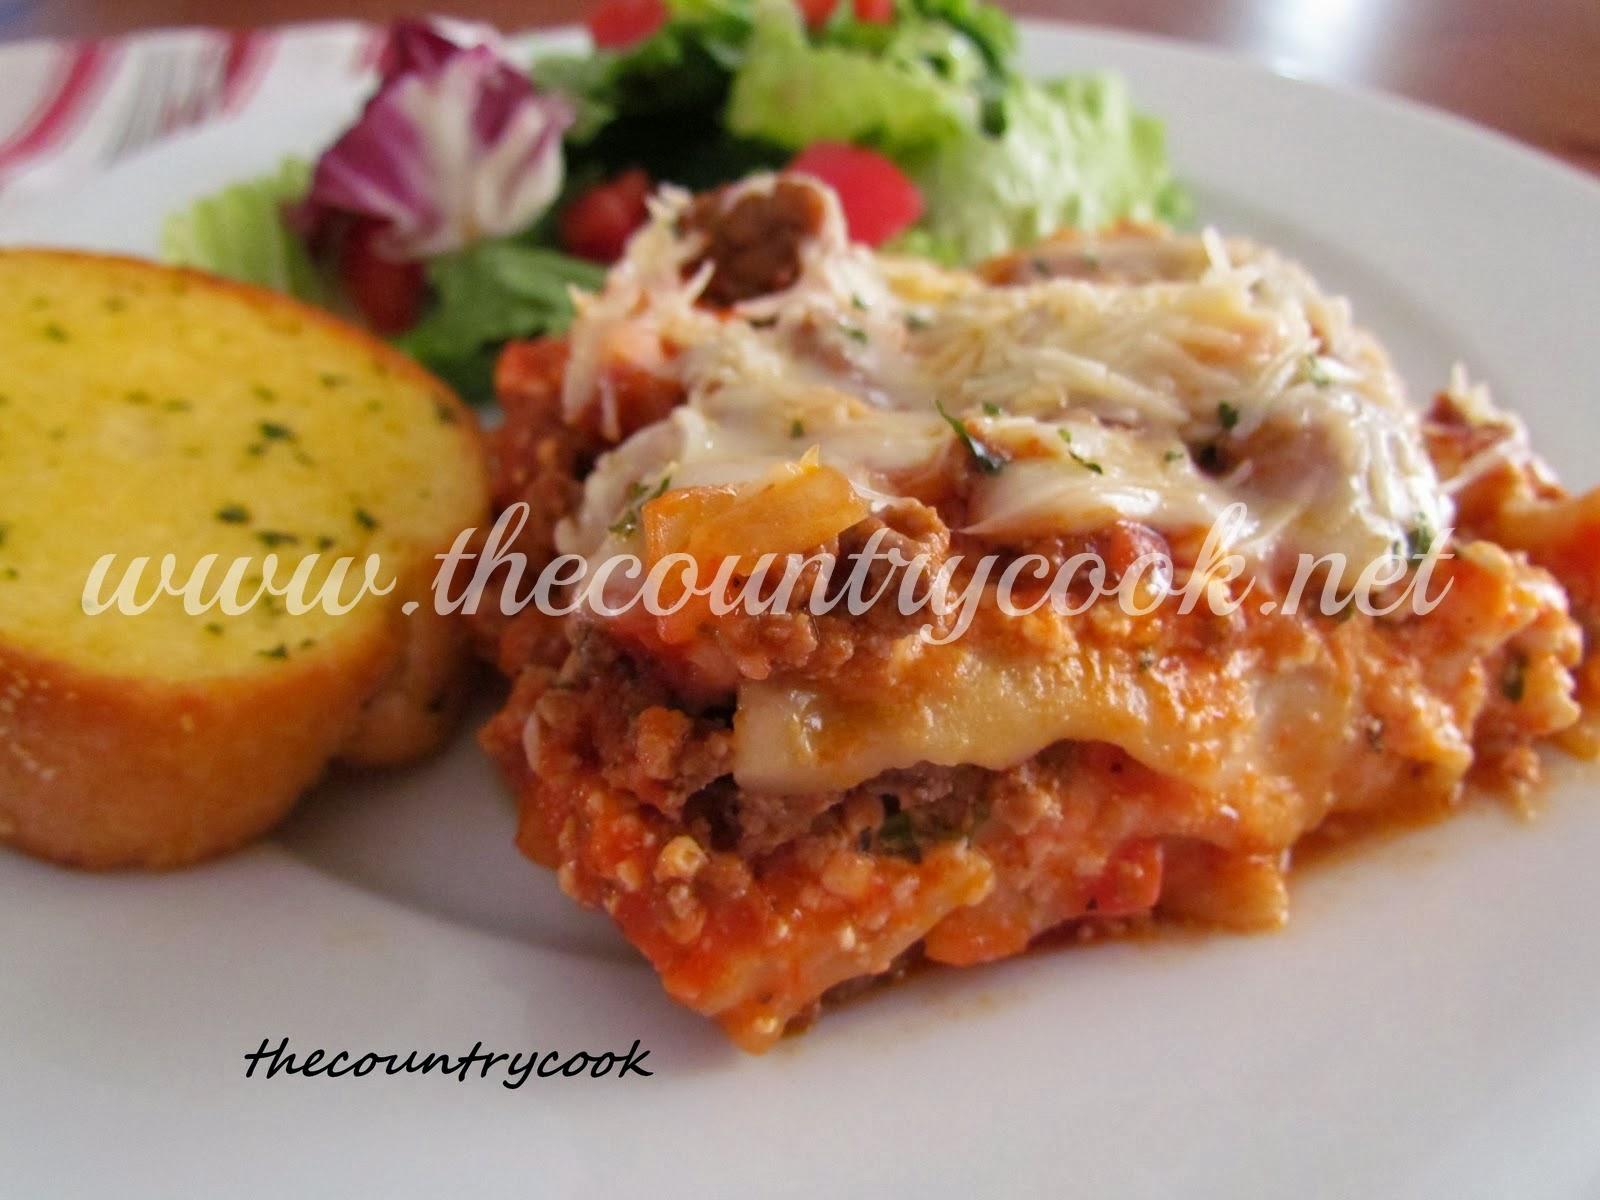 Couponing 4 You Crockpot Lasagna